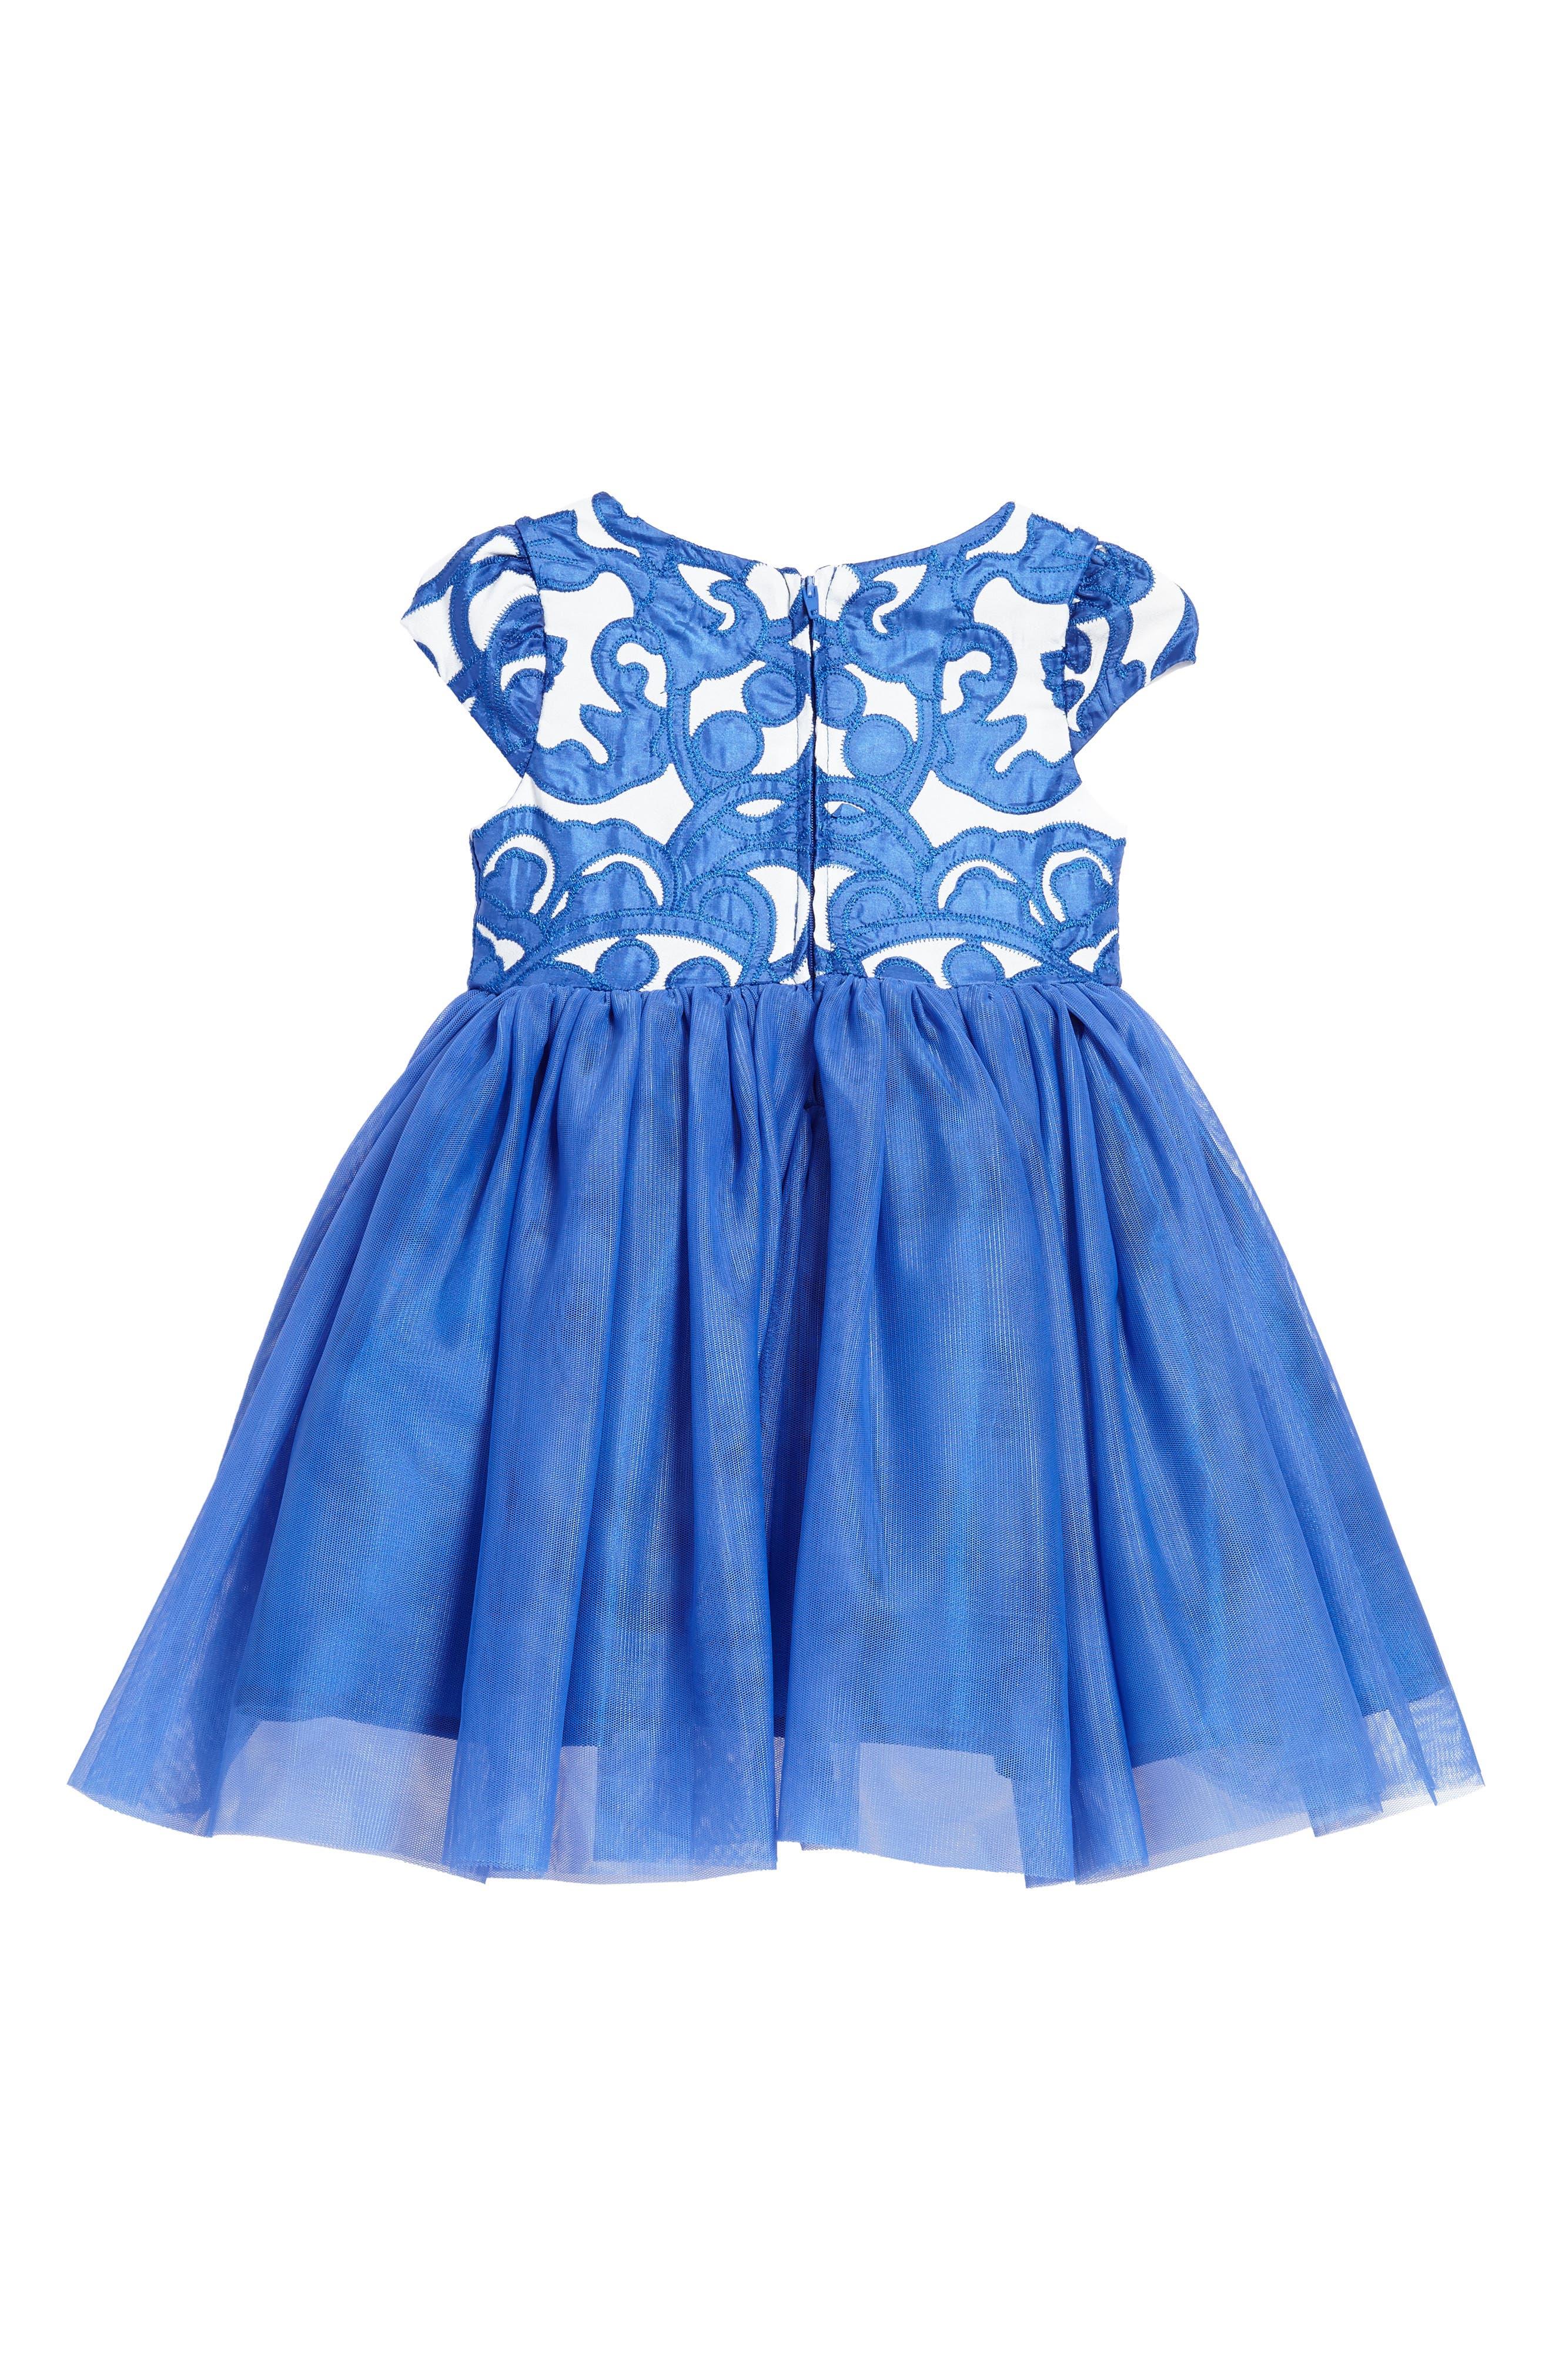 Appliqué Tulle Dress,                             Alternate thumbnail 2, color,                             Royal